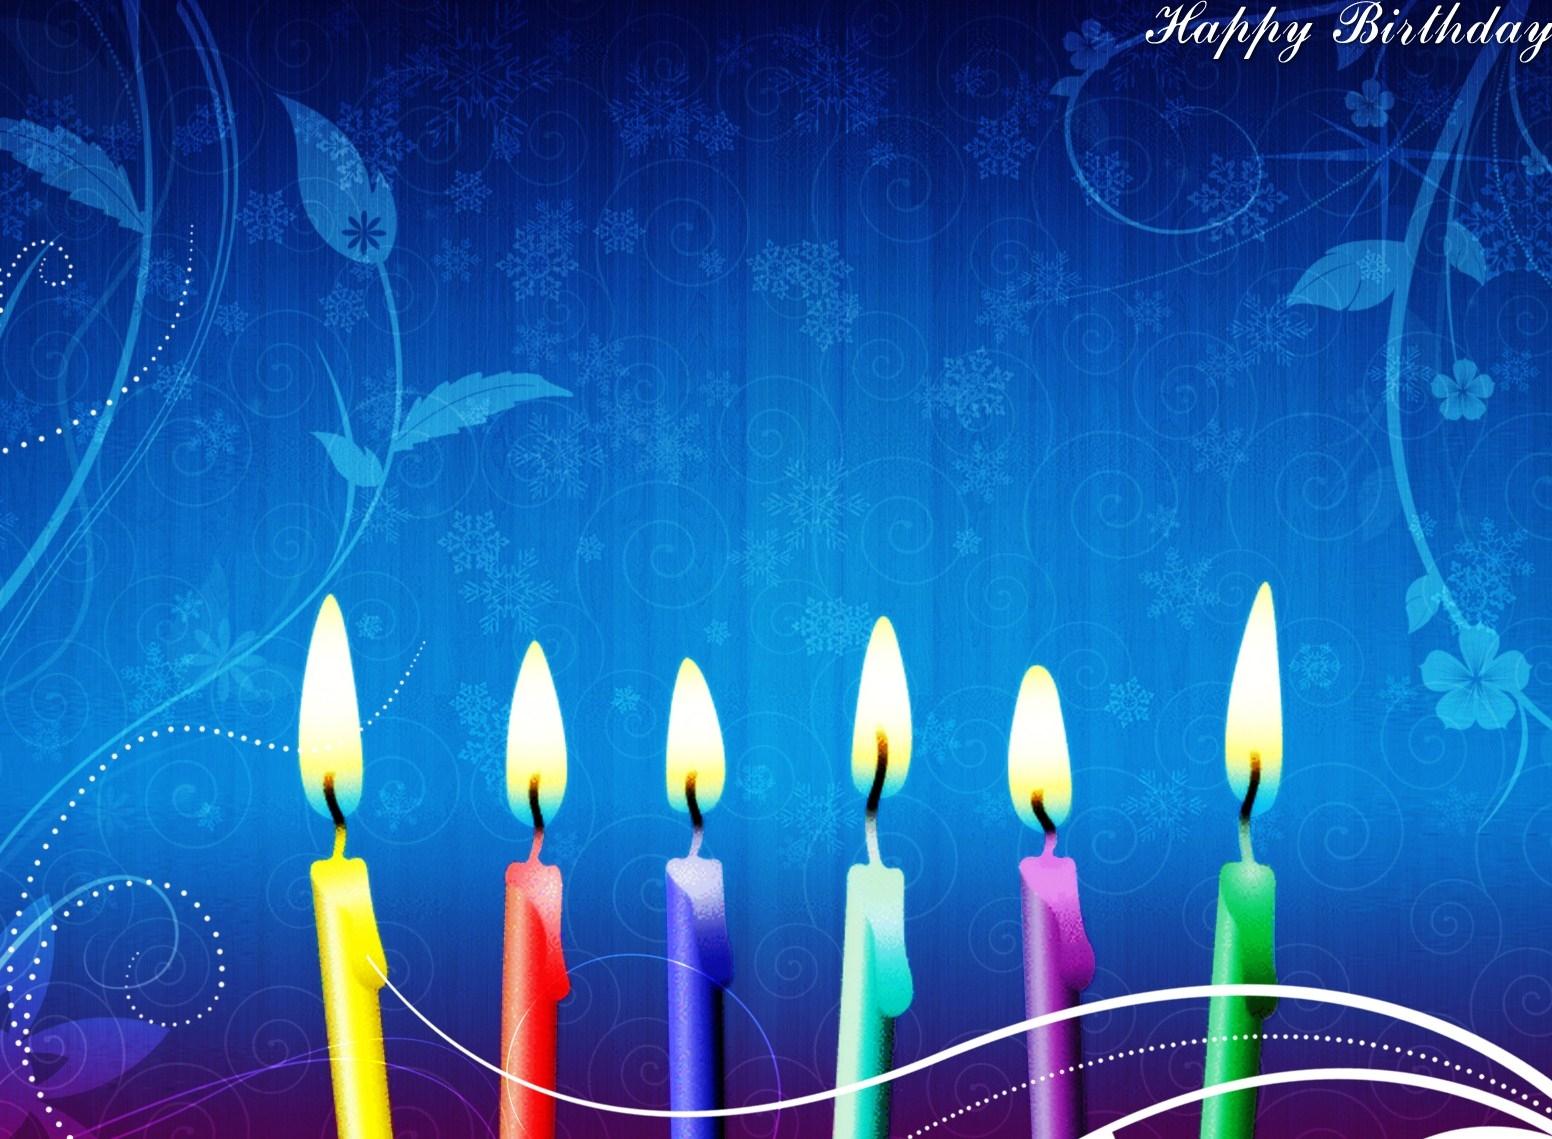 Фон для открытки с днем рождения картинки